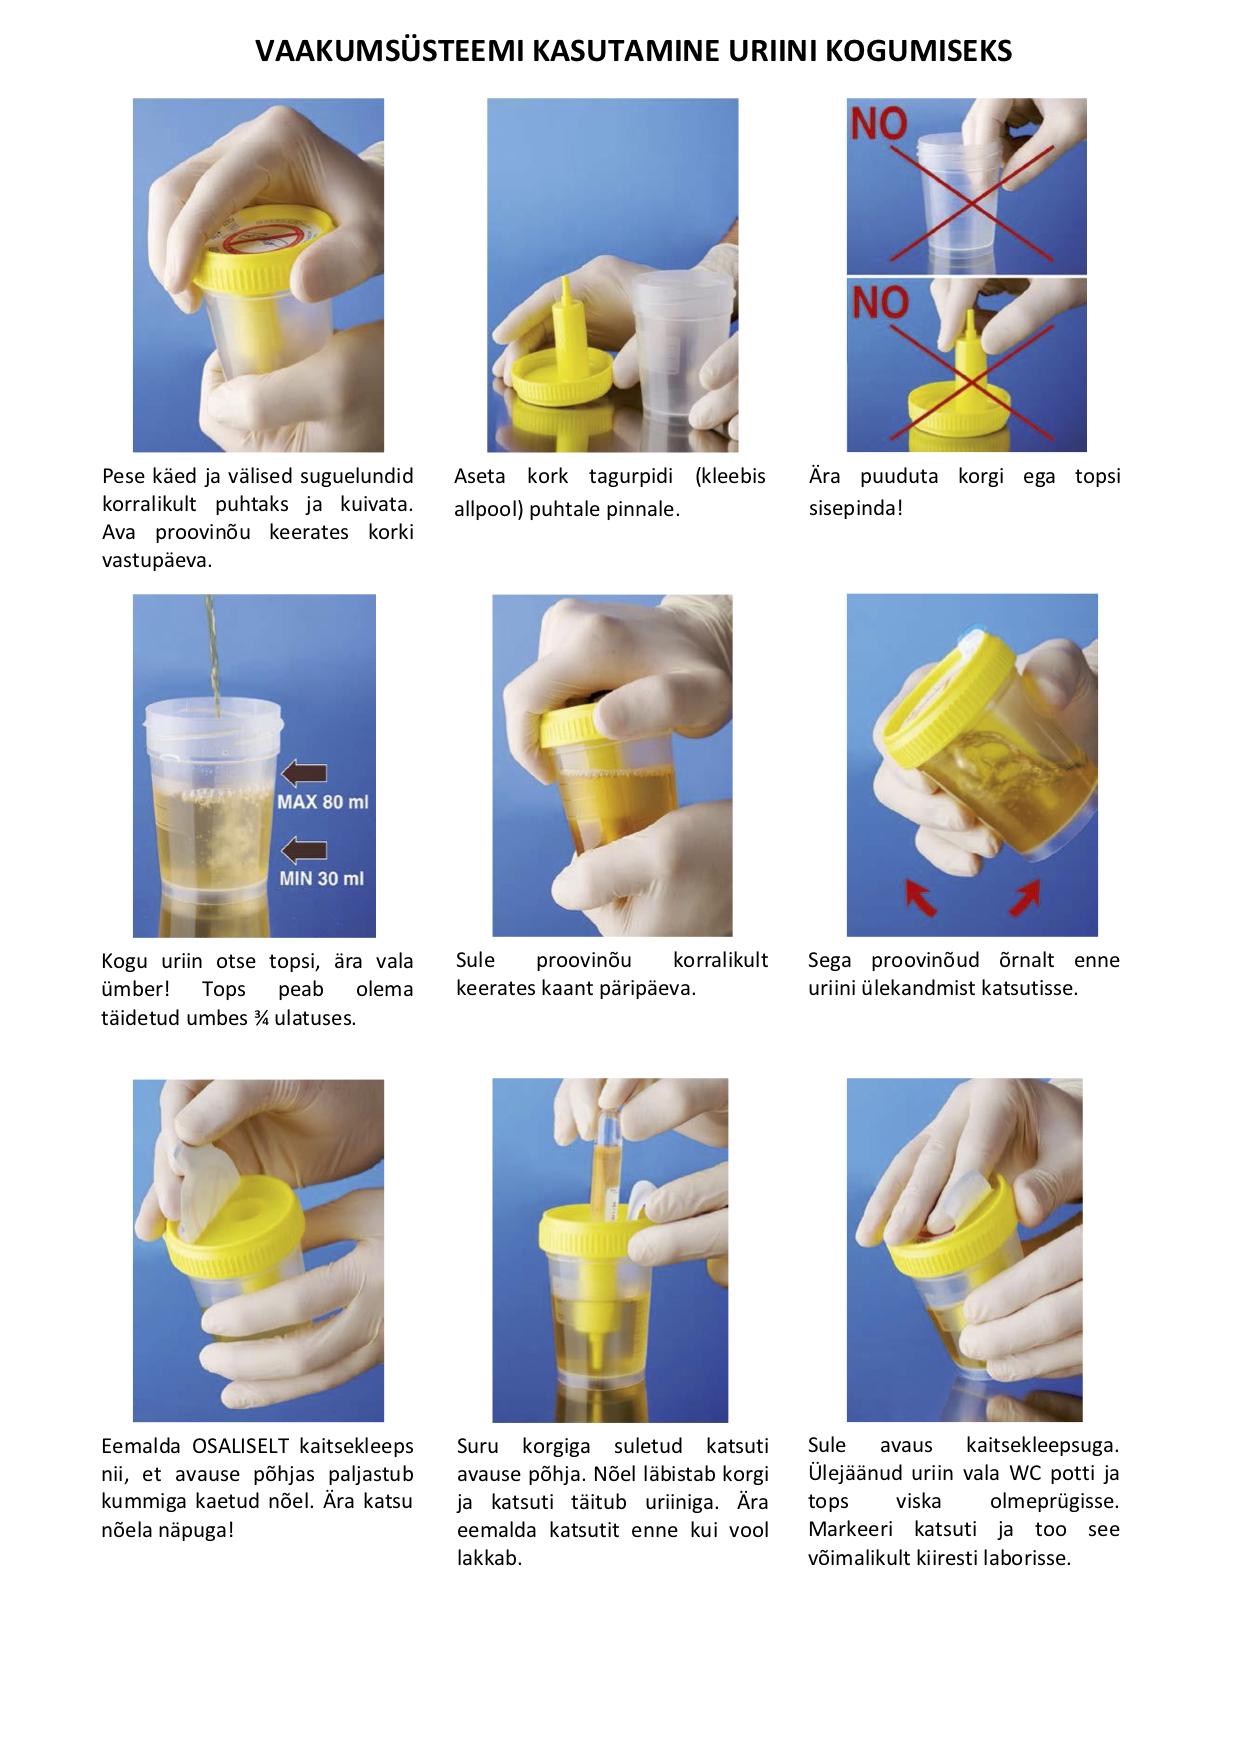 Vaakumsüsteemi kasutamine uriini kogumiseks / использование вакуумной системы для сбора мочи